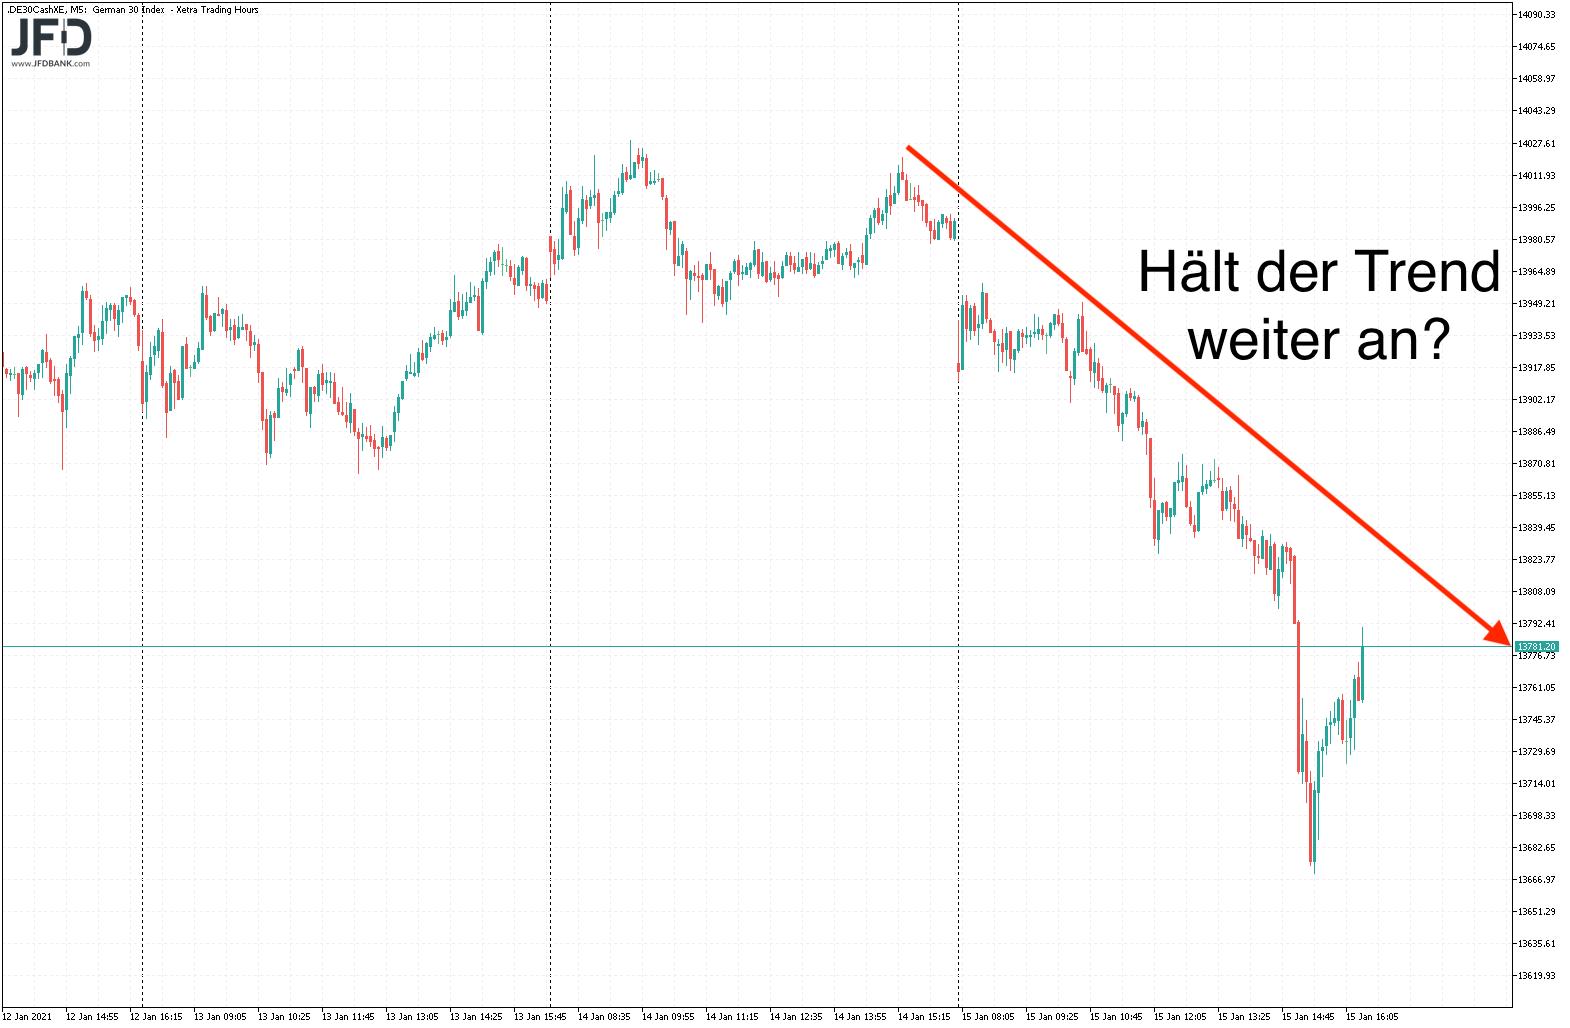 Ruhiger-DAX-Start-in-die-neue-Handelswoche-Kommentar-JFD-Bank-GodmodeTrader.de-2